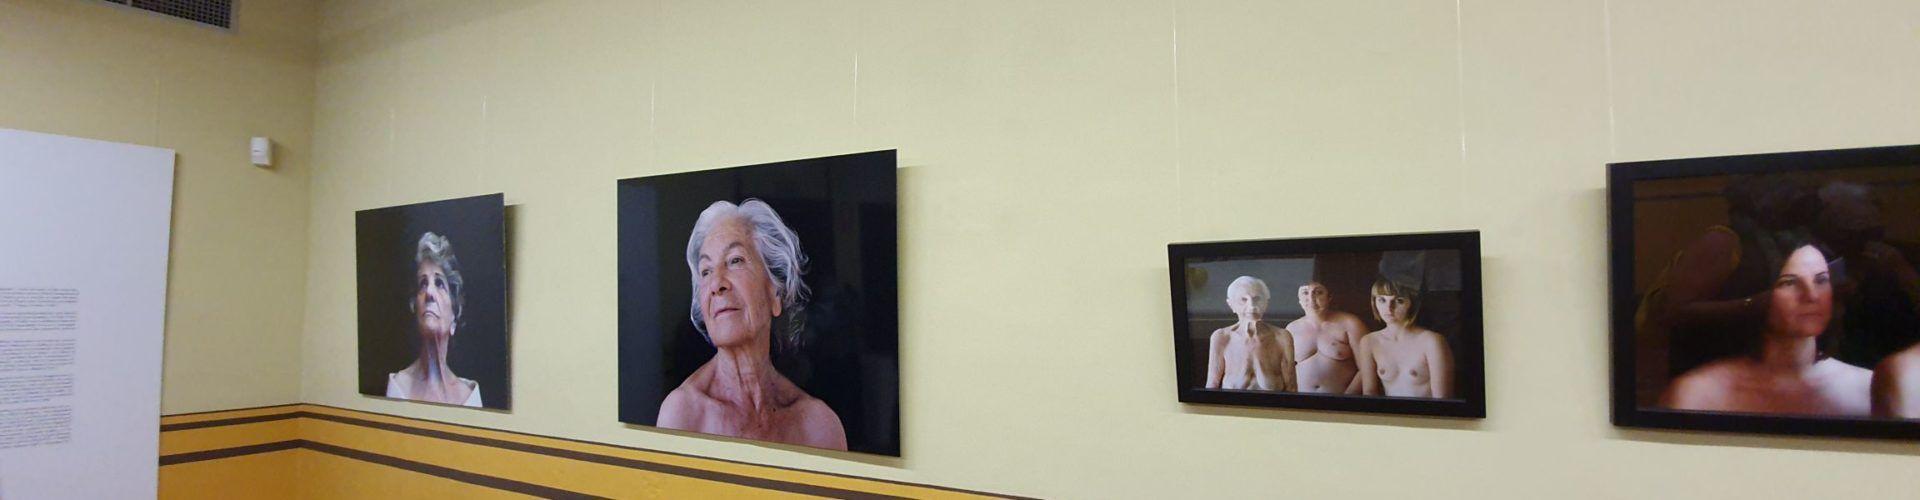 La Fundació Caixa Vinaròs reobre portes amb una singular exposició